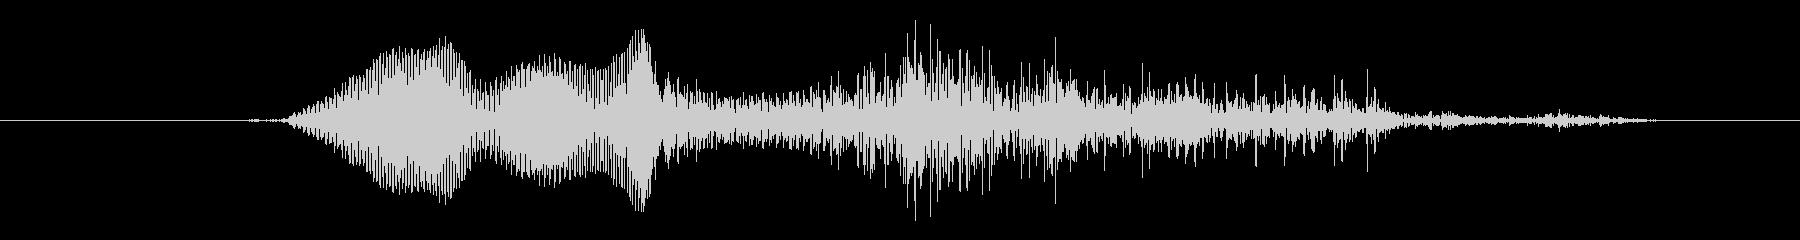 鳴き声 男性の叫びヒット15の未再生の波形